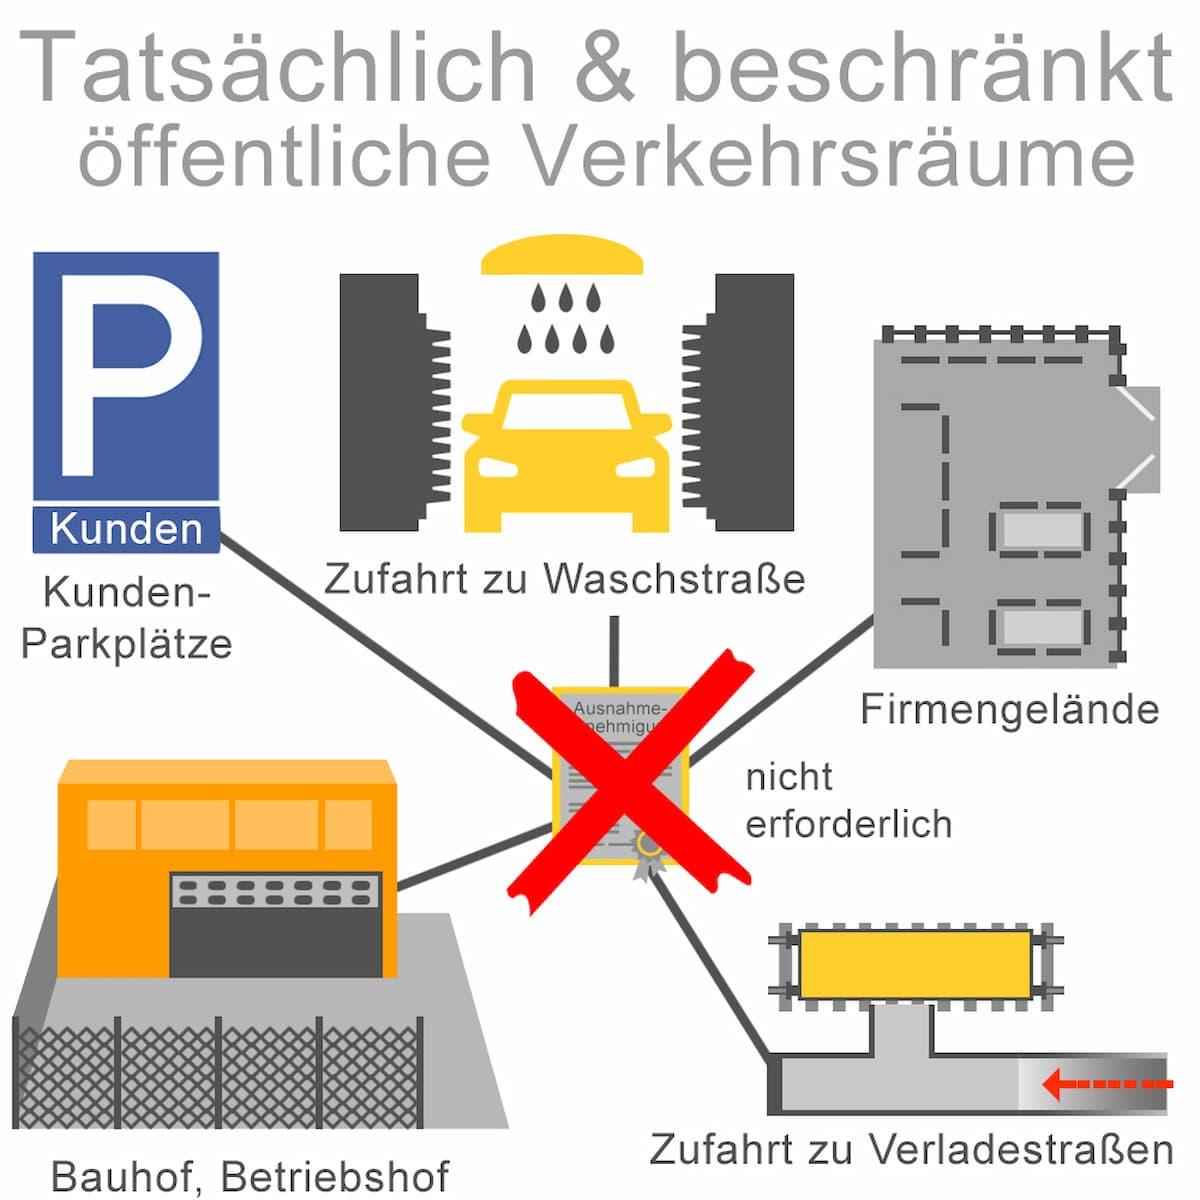 Tatsächlich und beschränkt öffentlicher Verkehrsraum